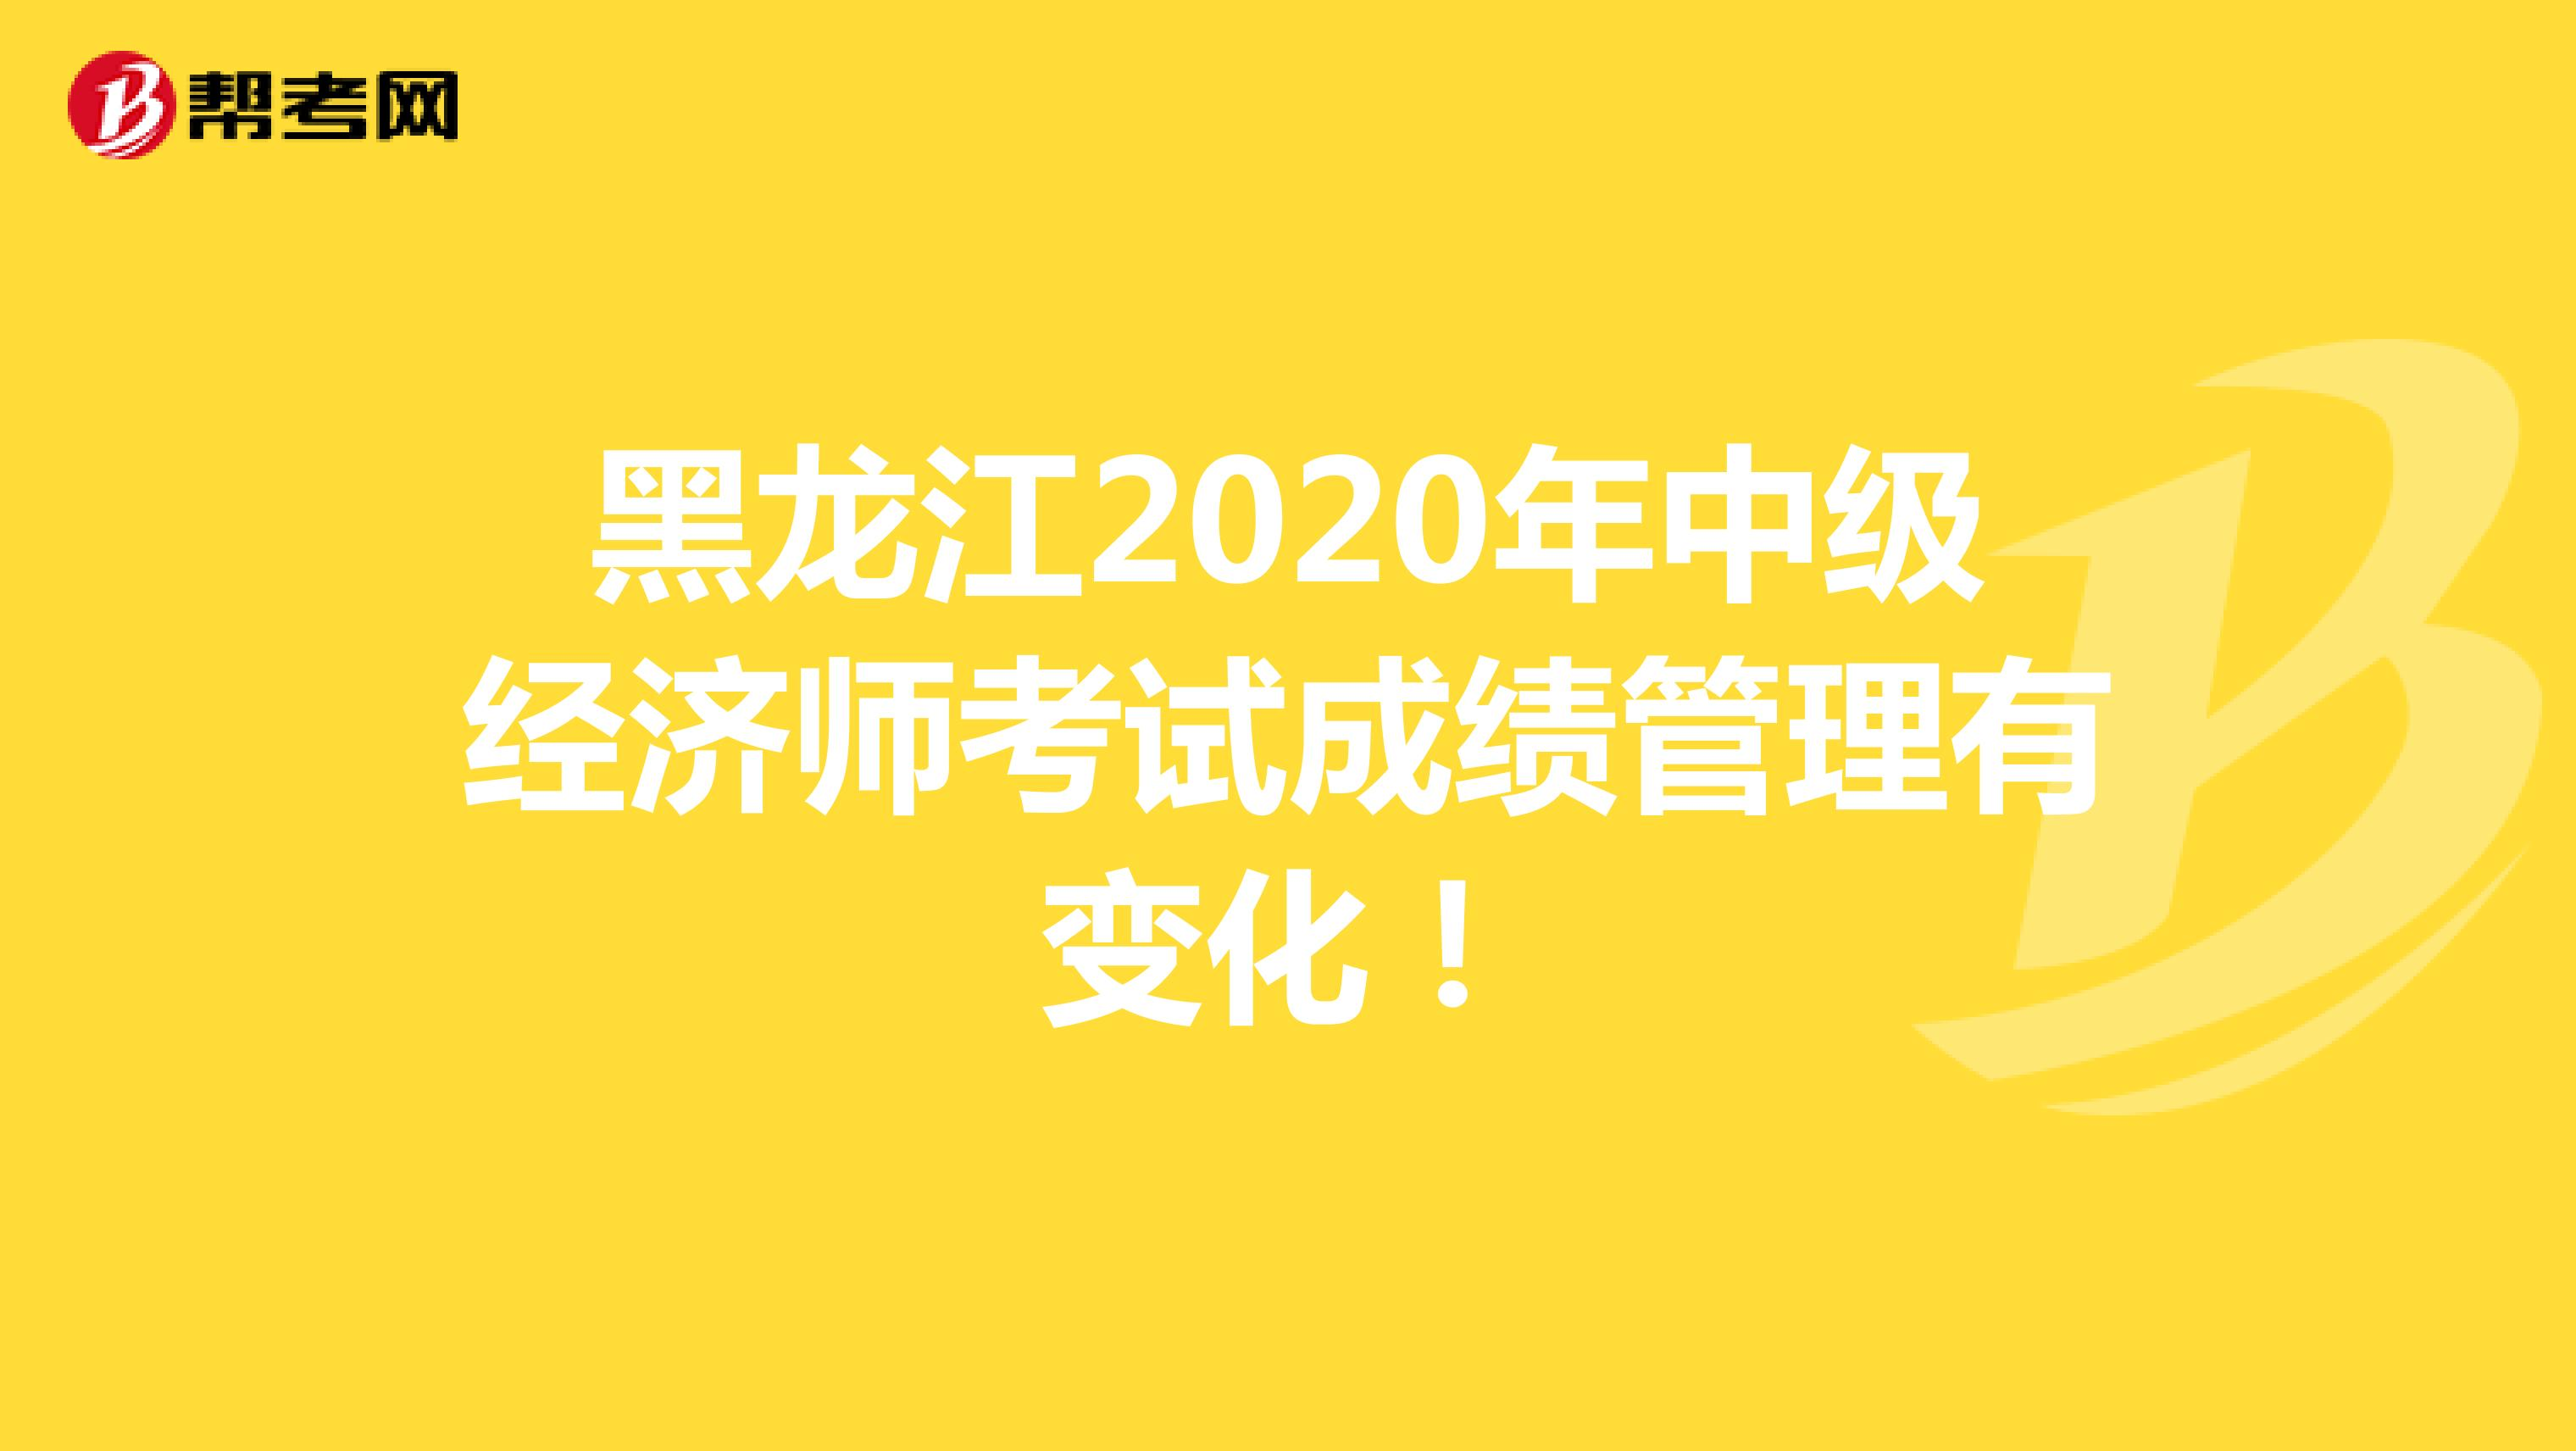 黑龙江2020年(hot88电竞官网)中级经济师考试成绩管理有变化!